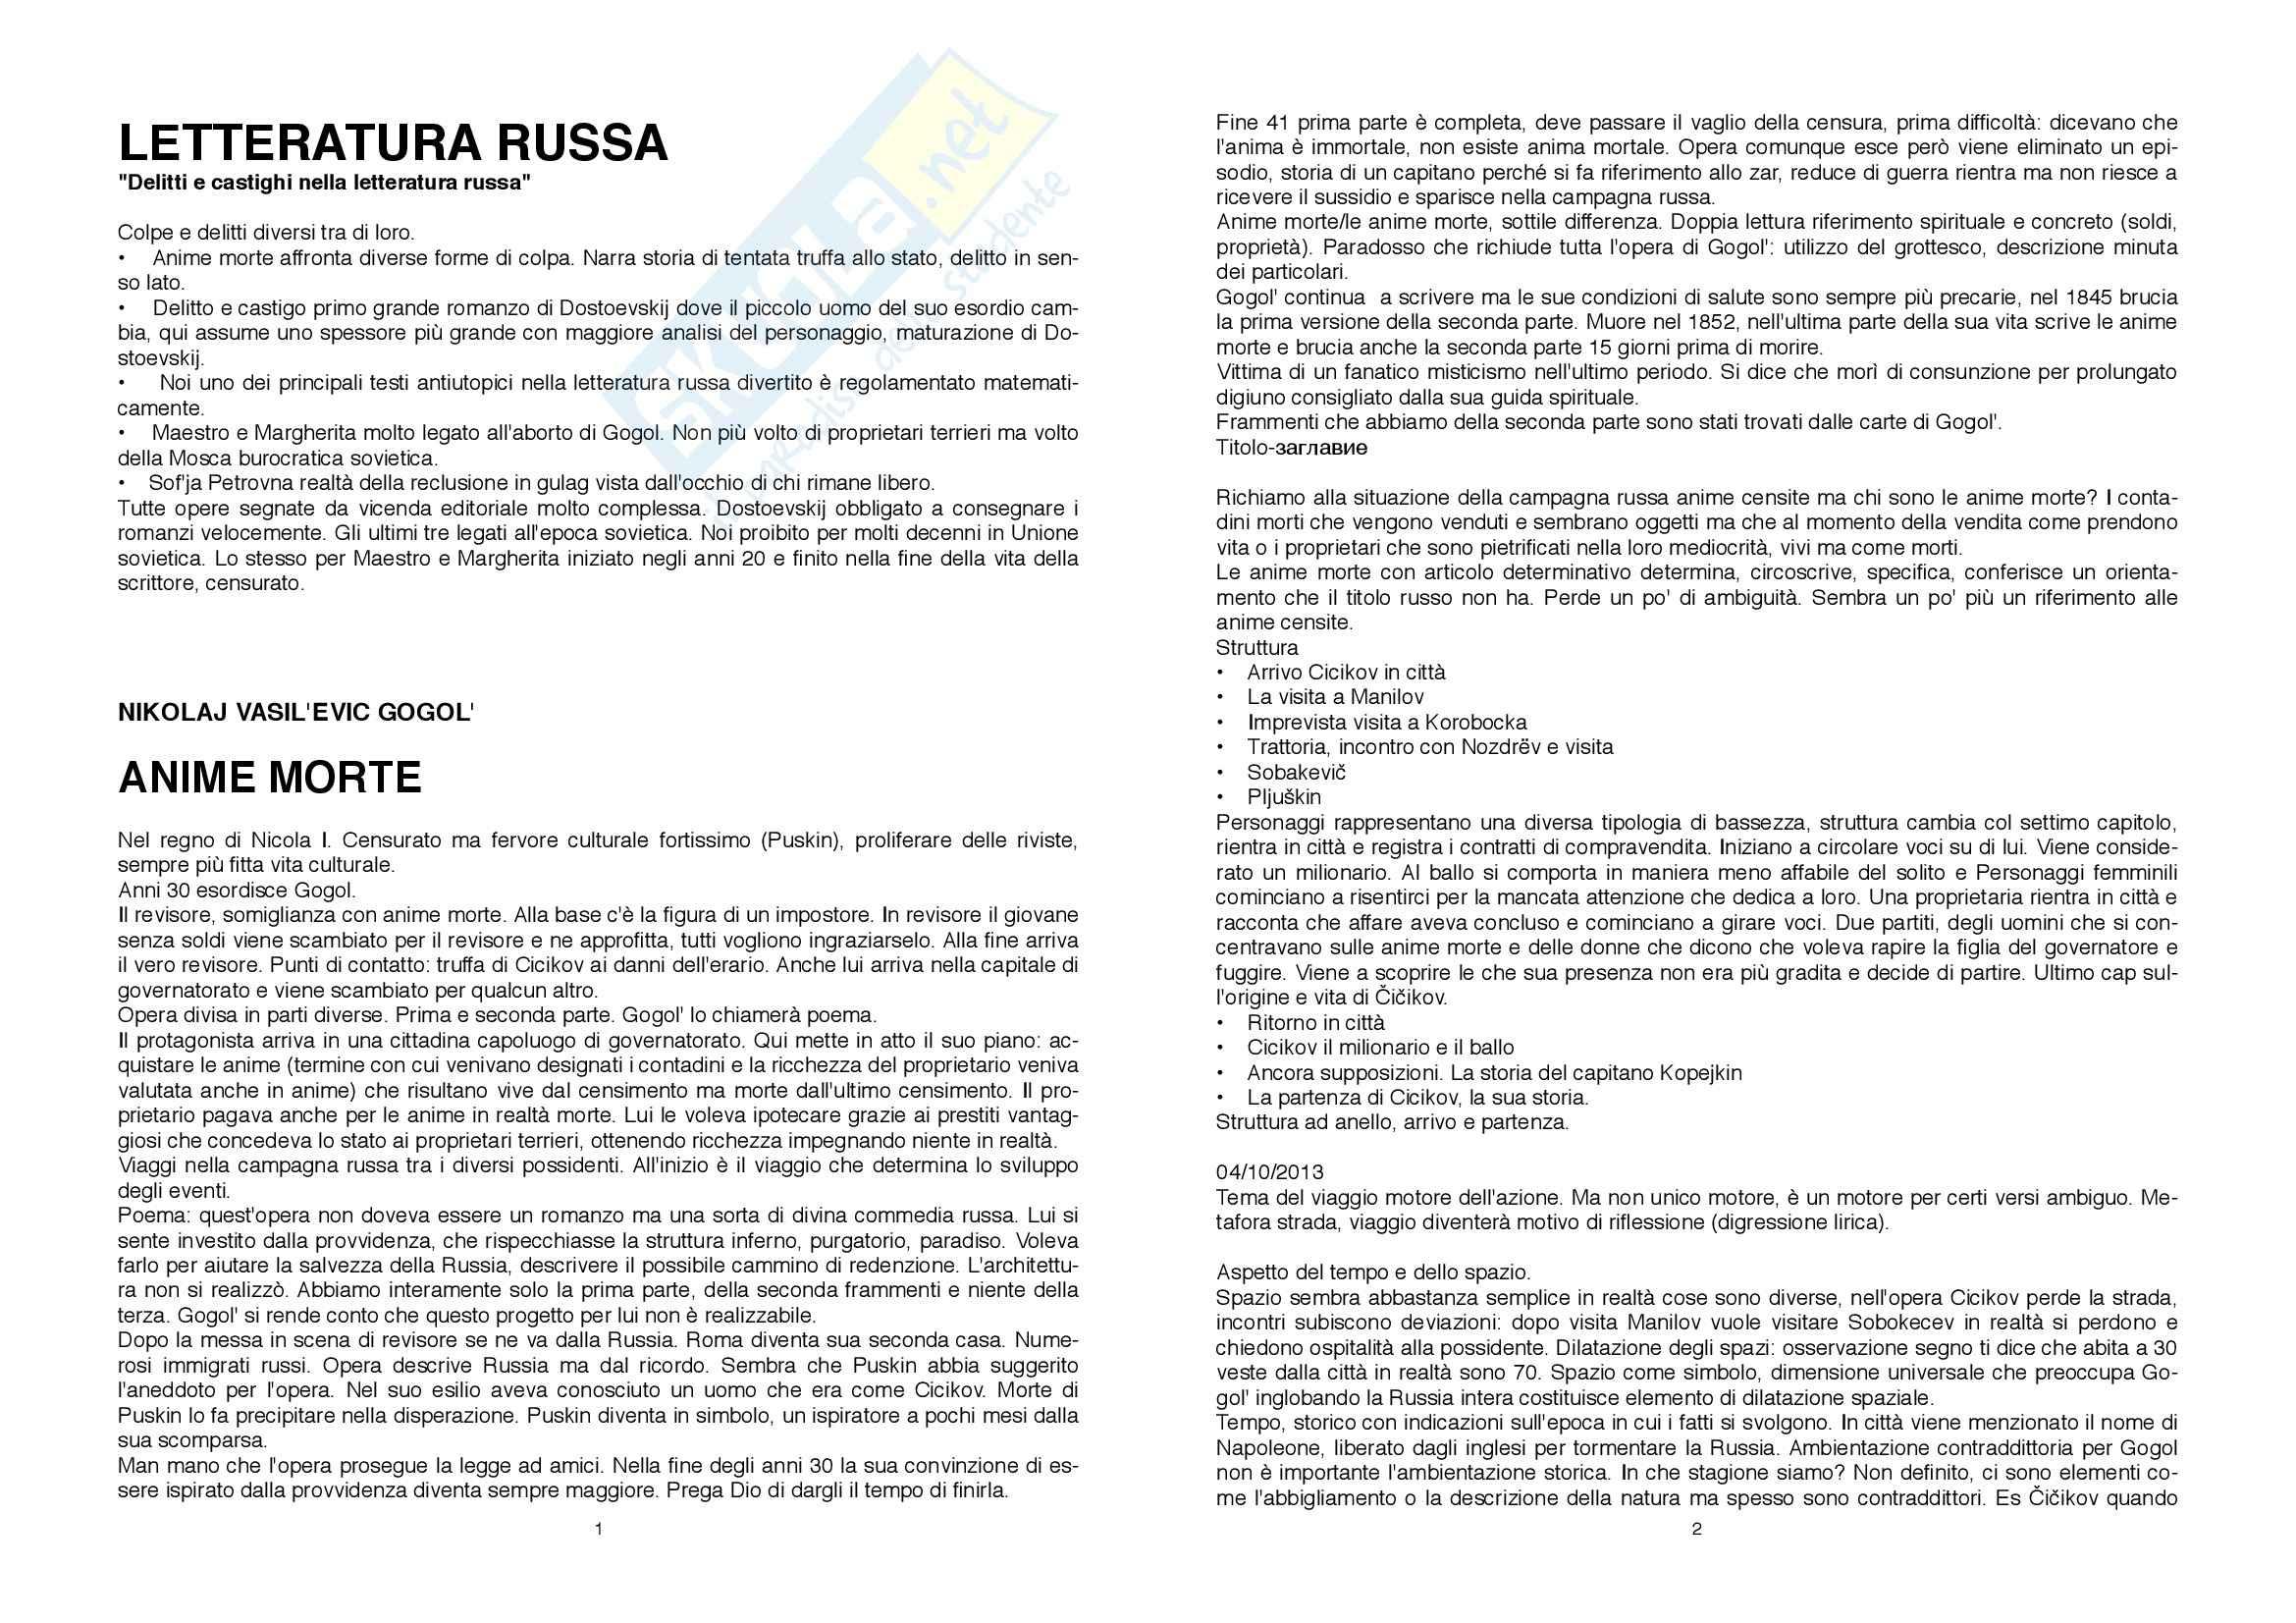 Letteratura russa II - Appunti